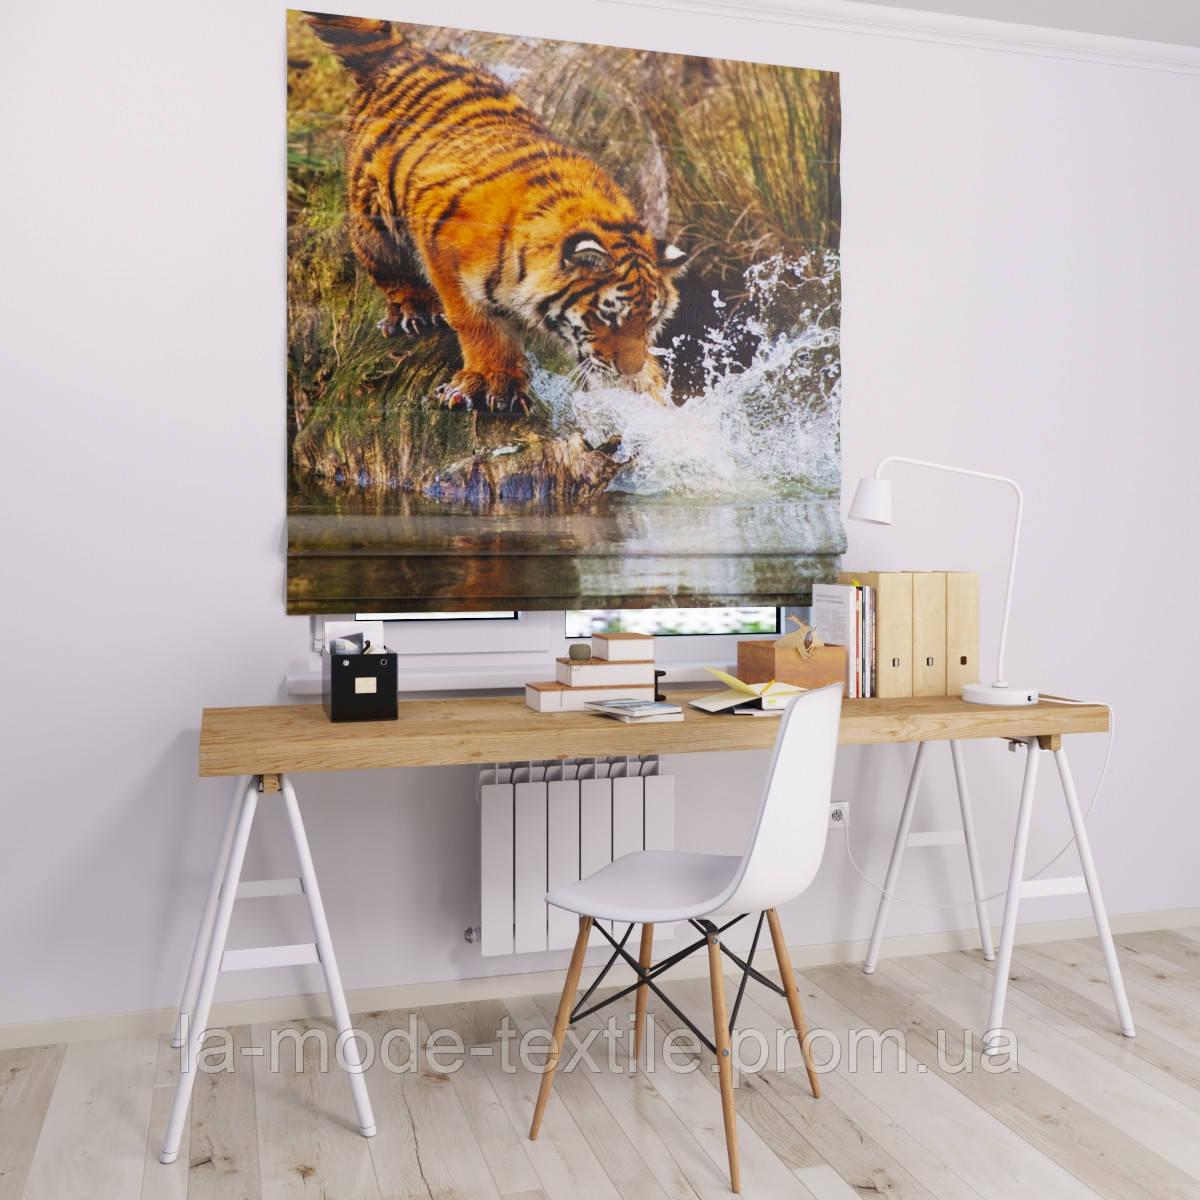 Римская штора с фотопечатью Тигр у реки